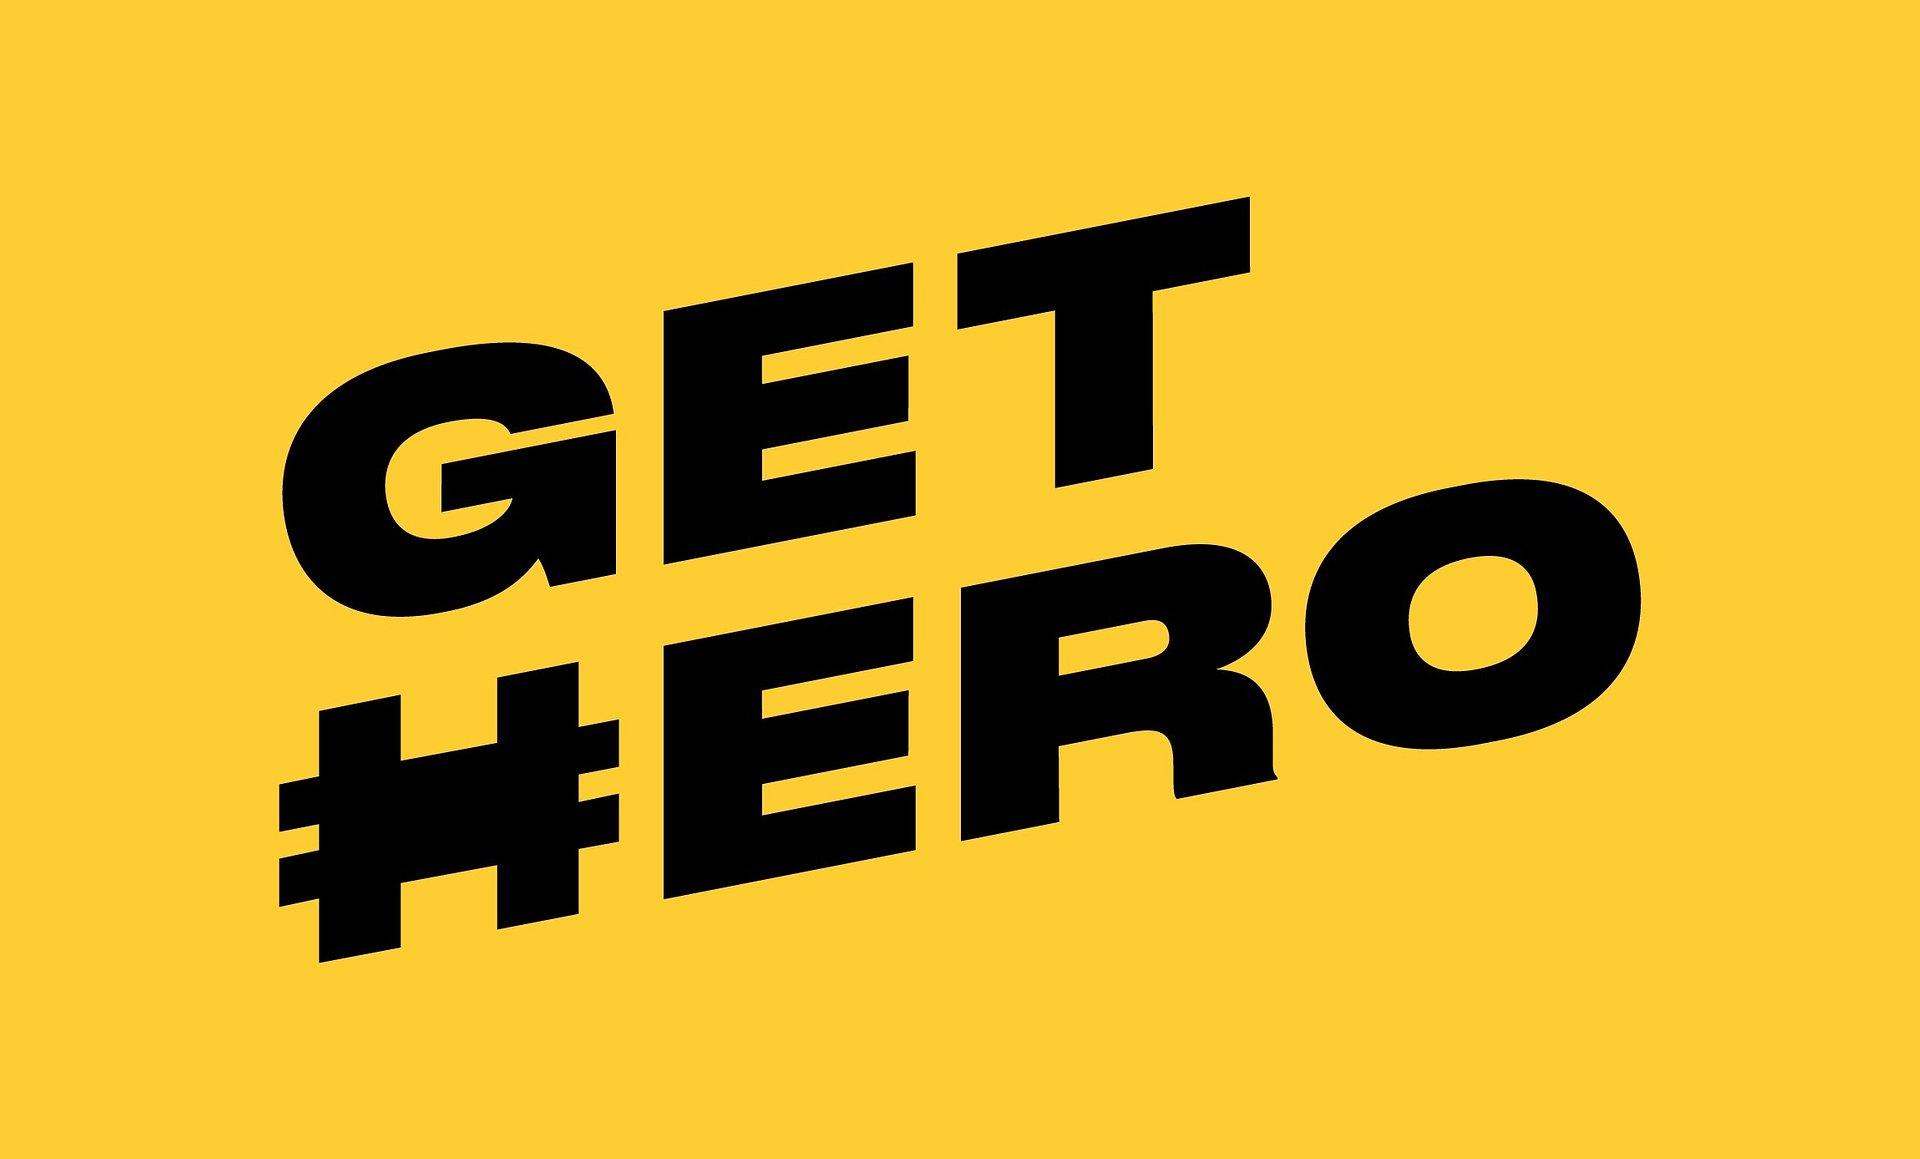 Agencja GetHero startuje z dwoma projektami, w ramach których bezpłatnie będzie dzielić się wiedzą ekspercką